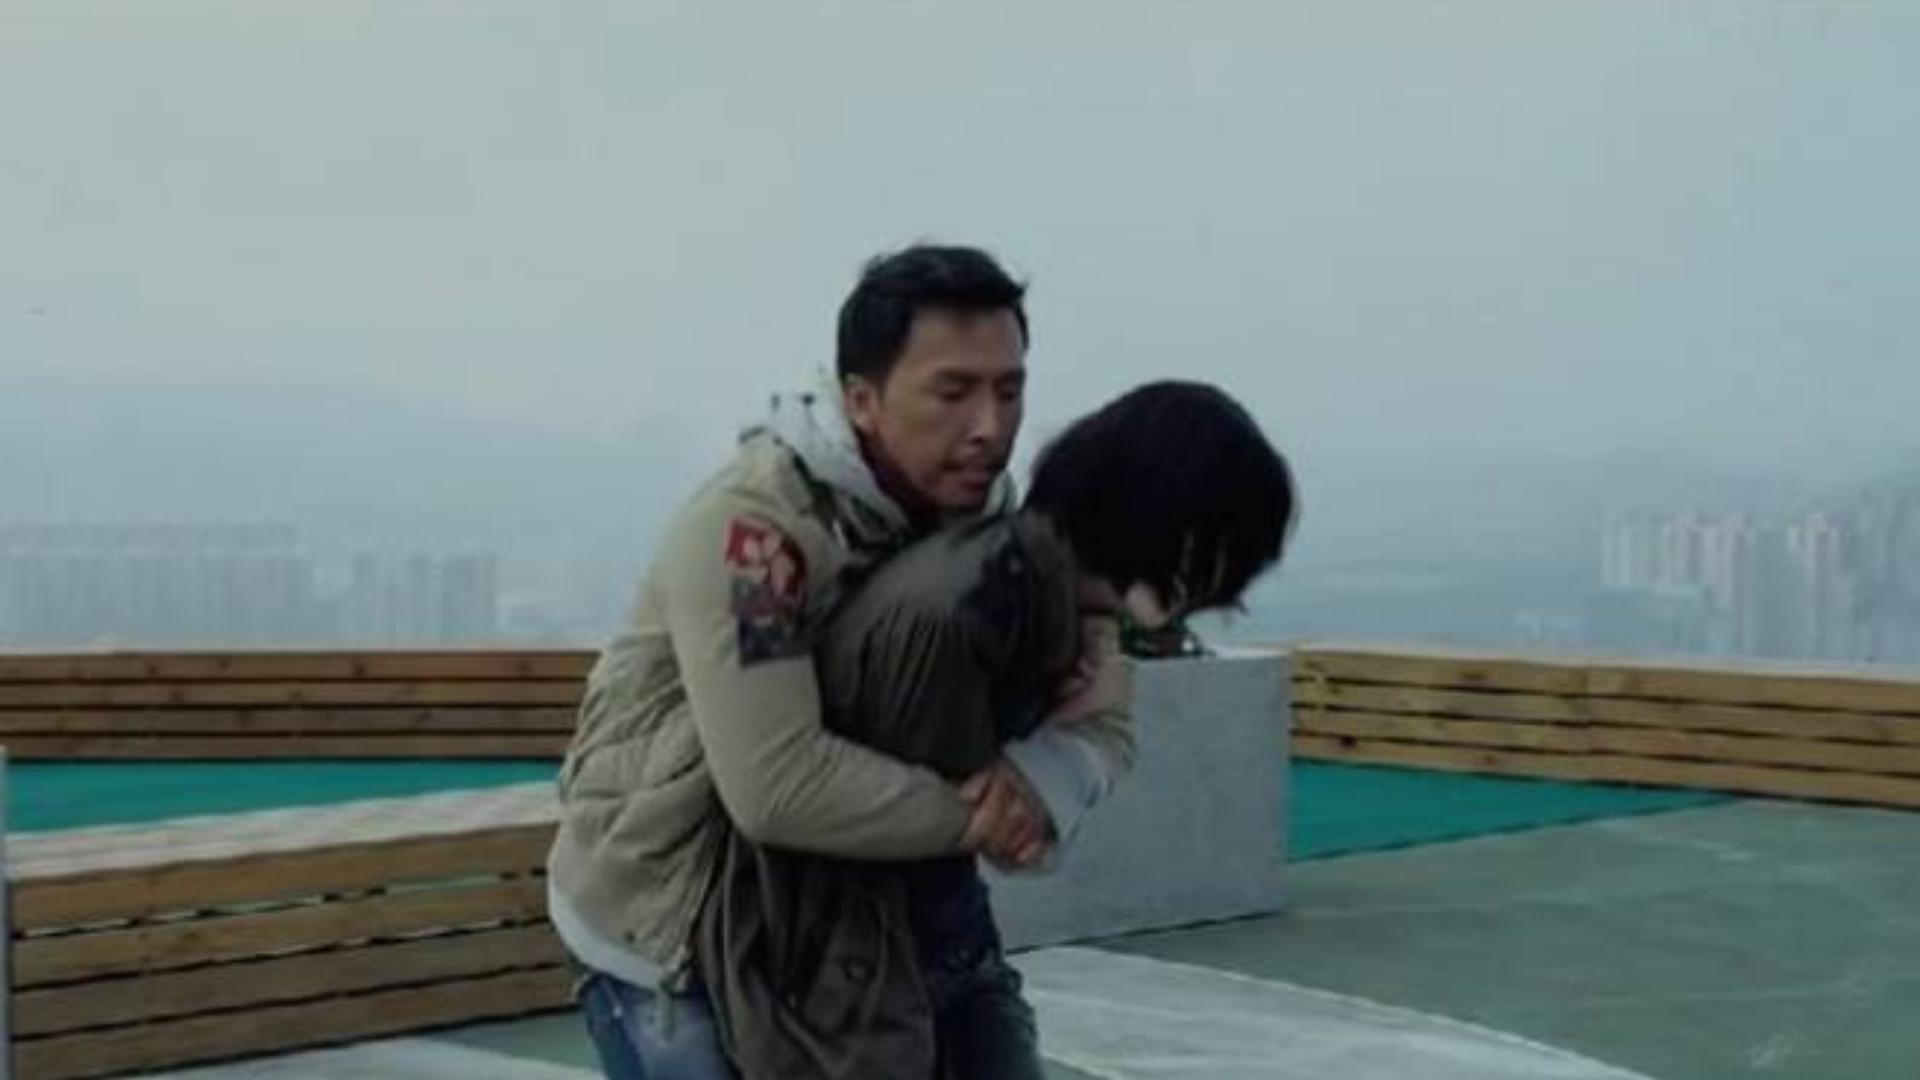 甄子丹和景甜这段戏太经典了,让人大饱眼福,真是百看不厌